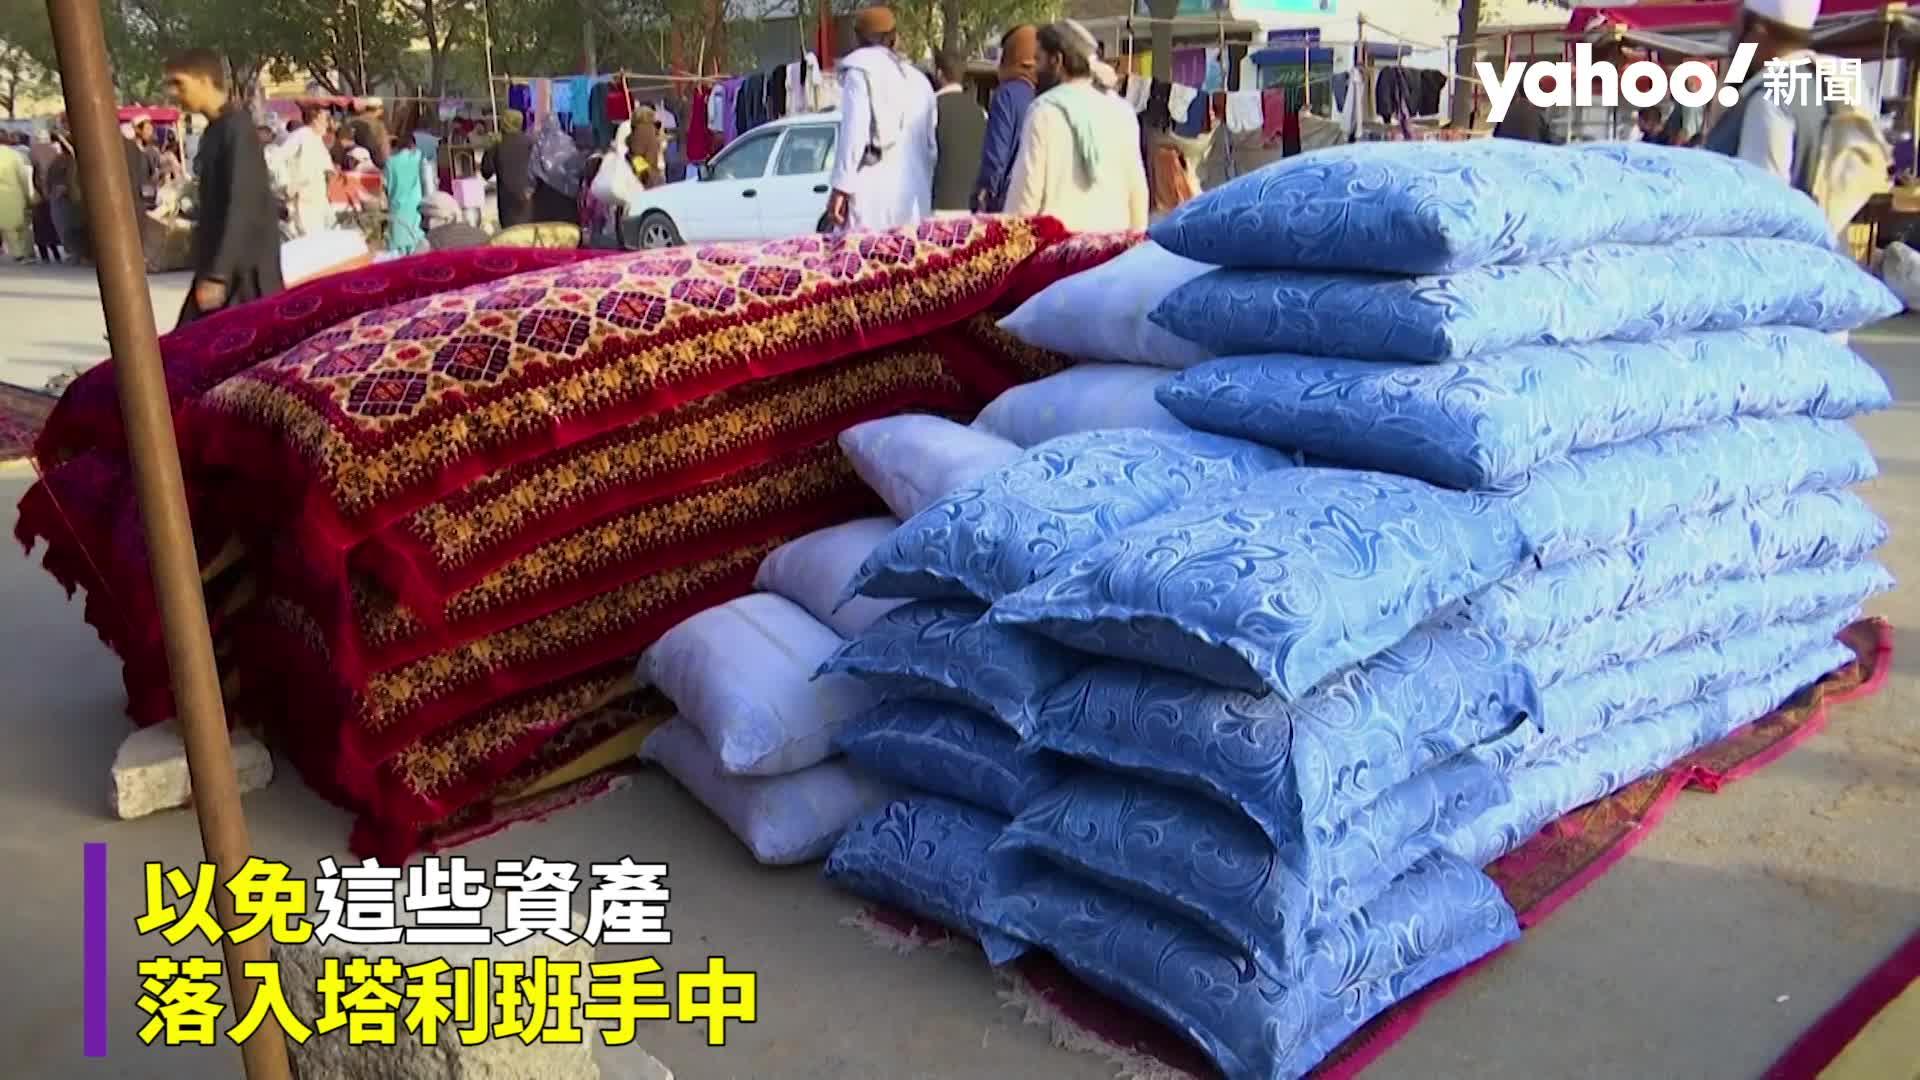 阿富汗貧窮危機難解 民眾上街賣棉被賣鍋只求一餐